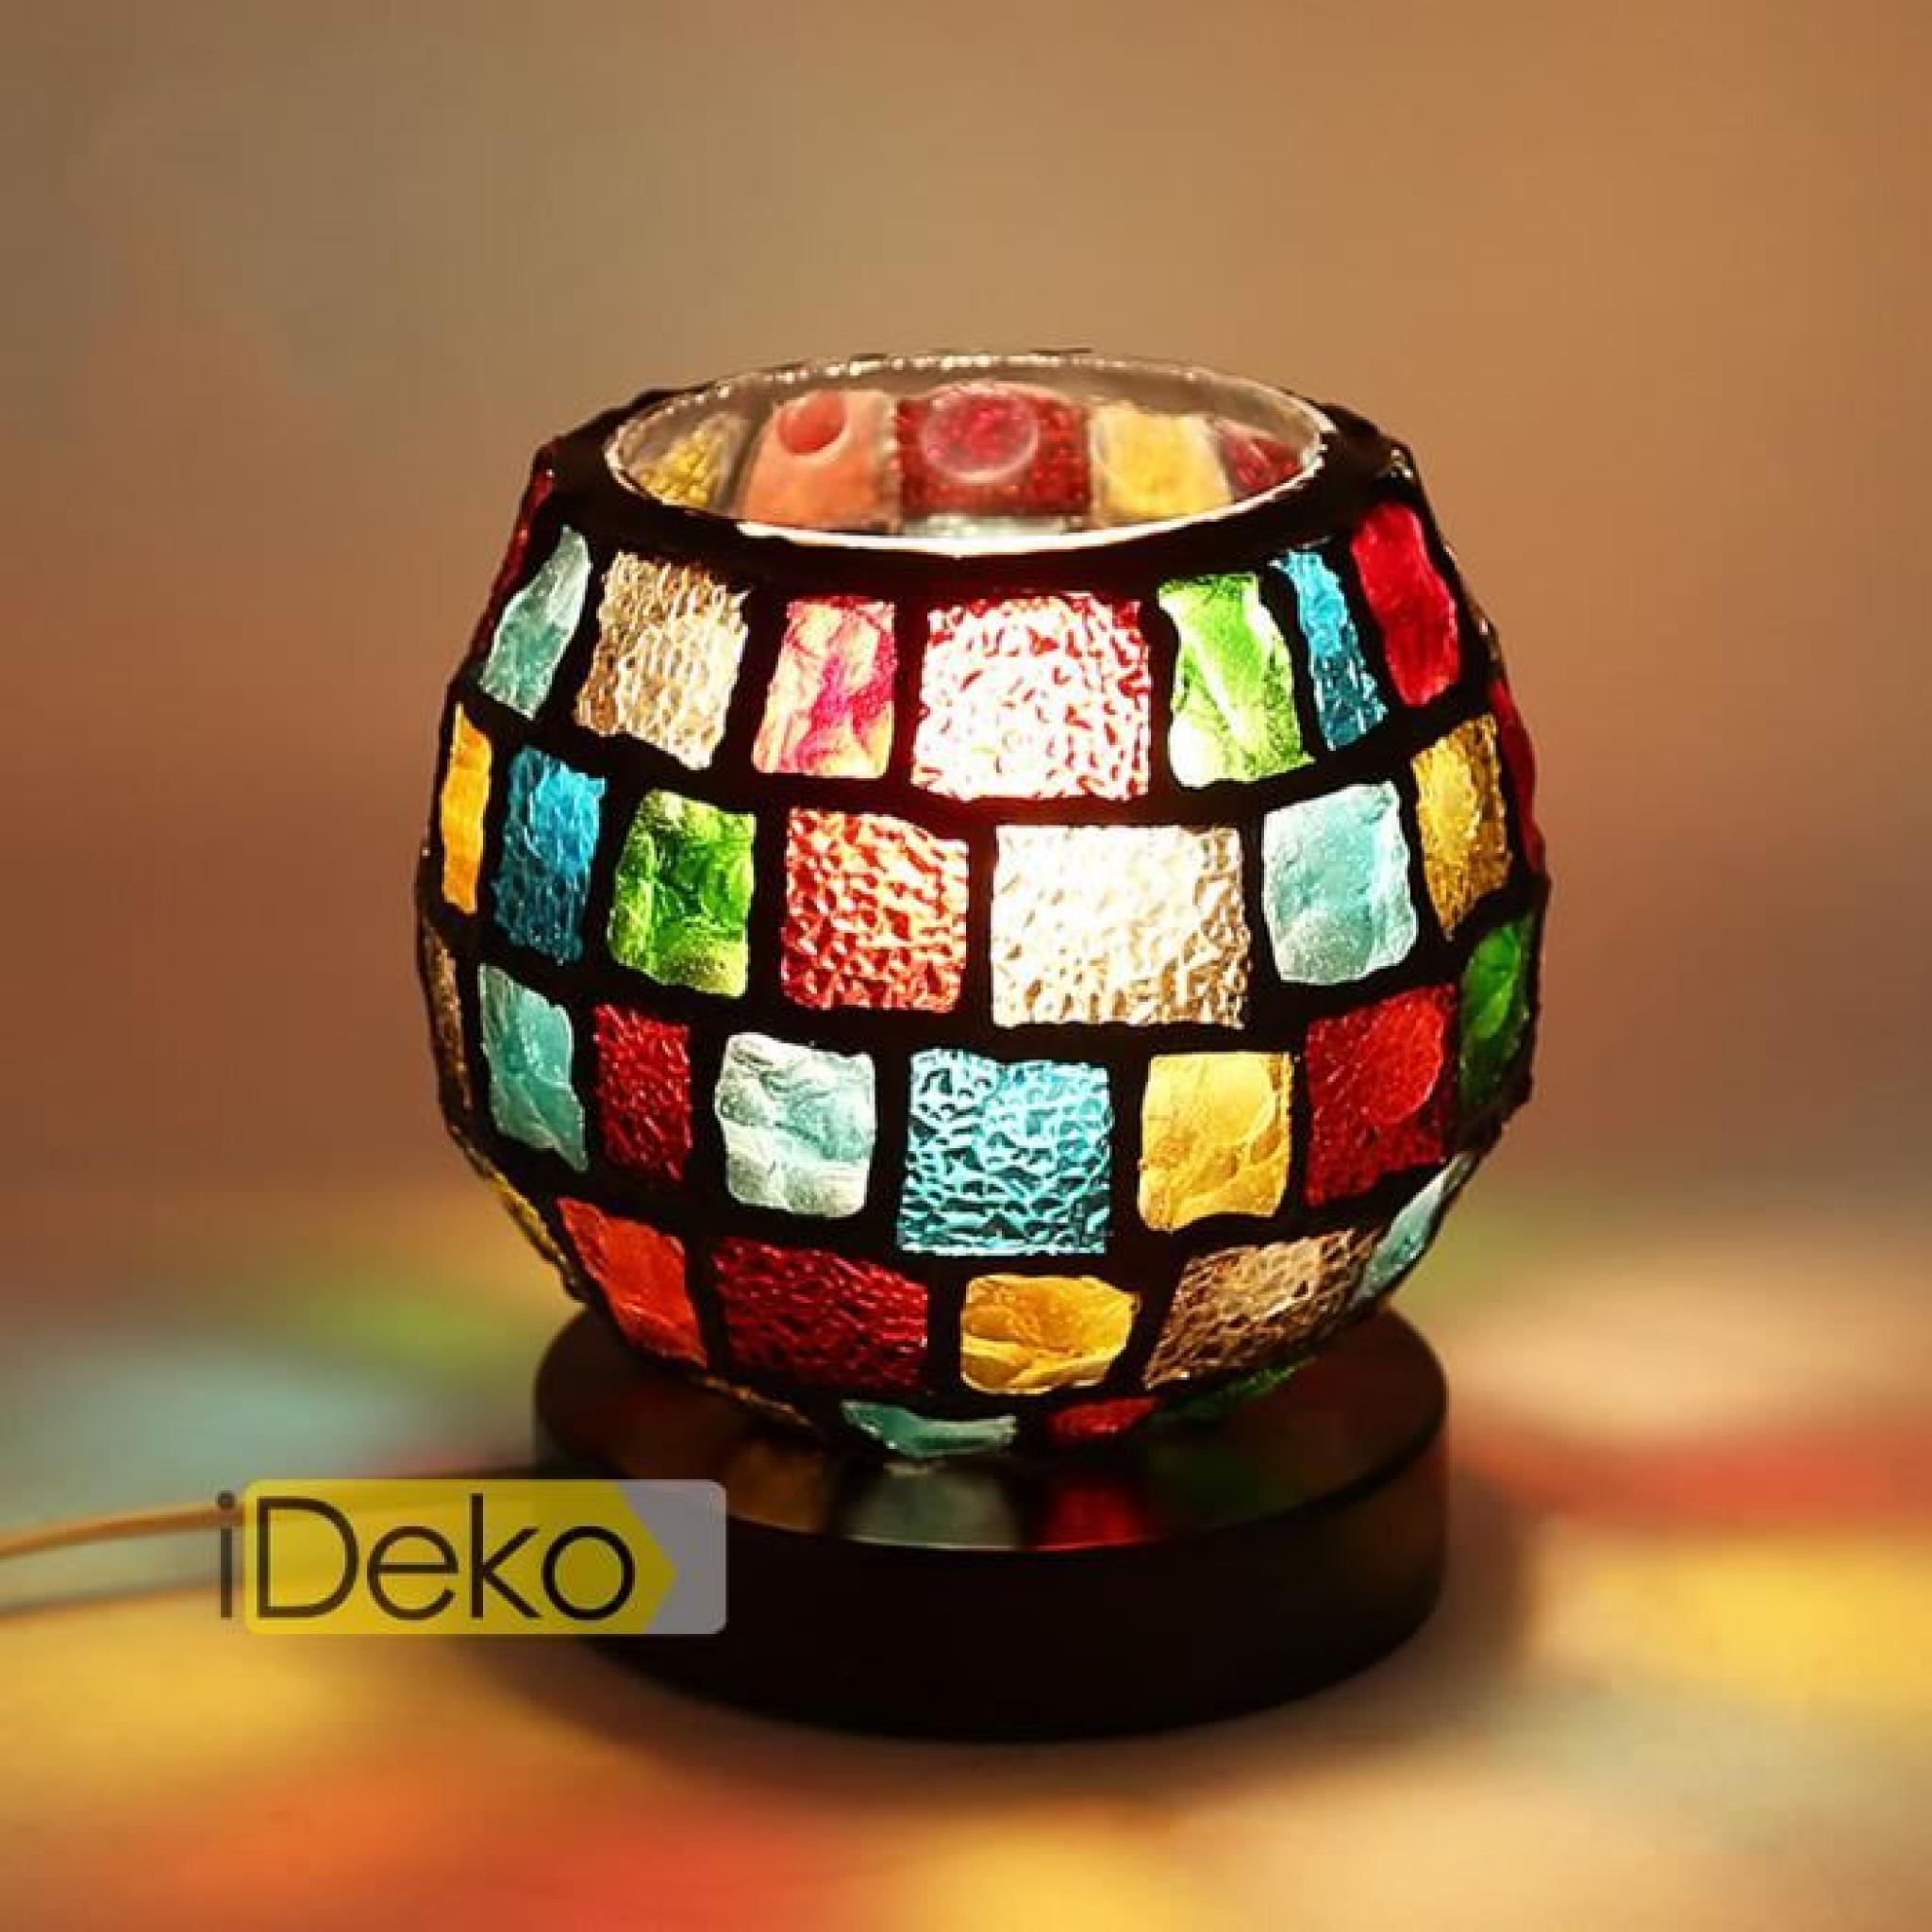 Poser À Coloré Manuel Verre Ideko® Art Lampe Bureau Design Style Vitrail Table Antique 35Aj4LR